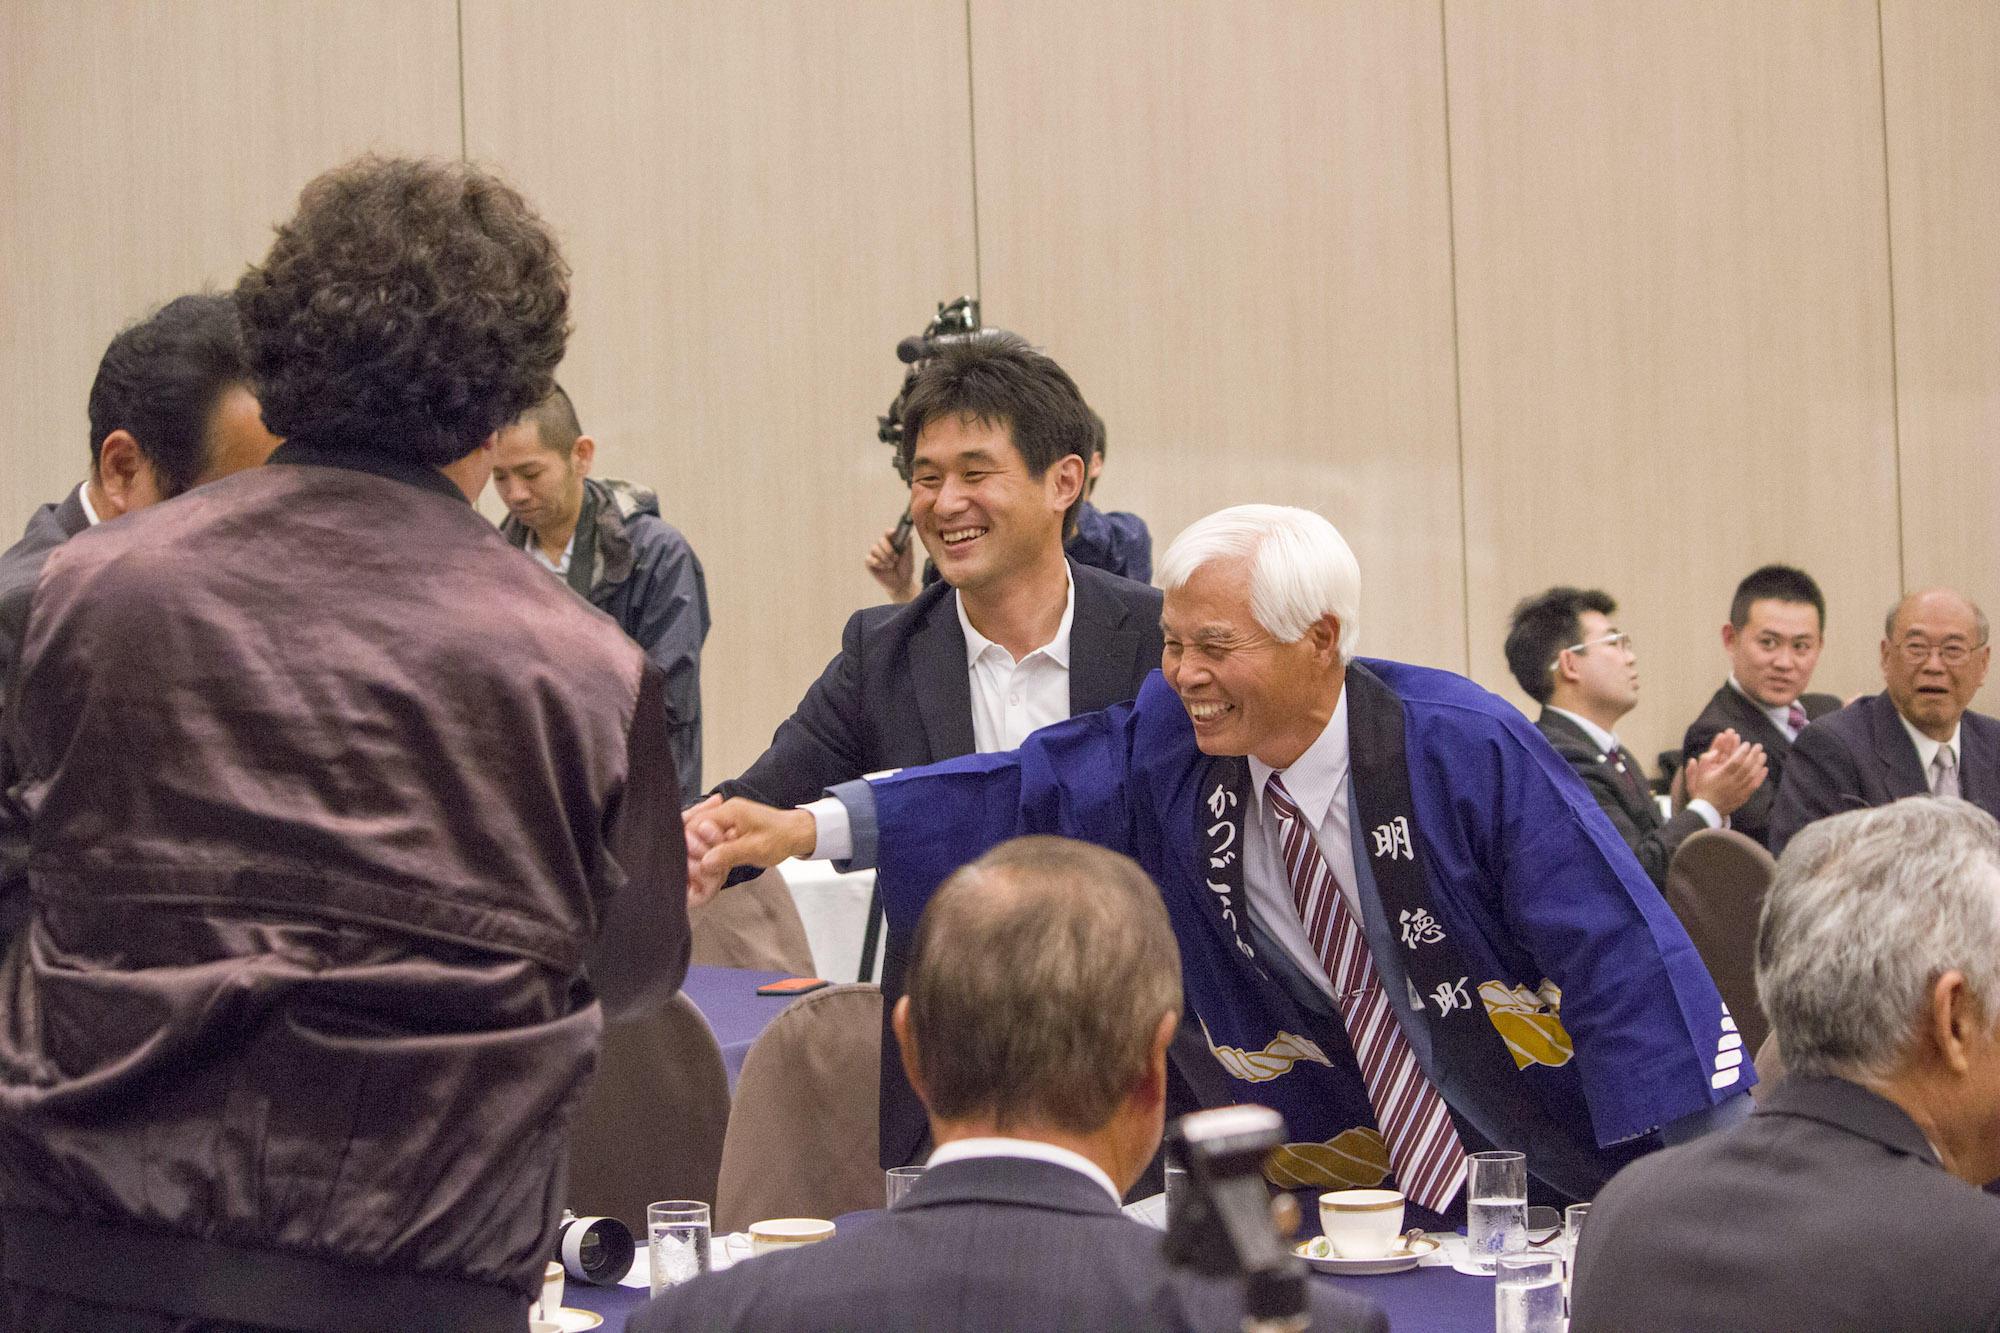 第15回 「あなたのまちへ お神輿贈呈」受賞者の須坂市明徳町の皆様